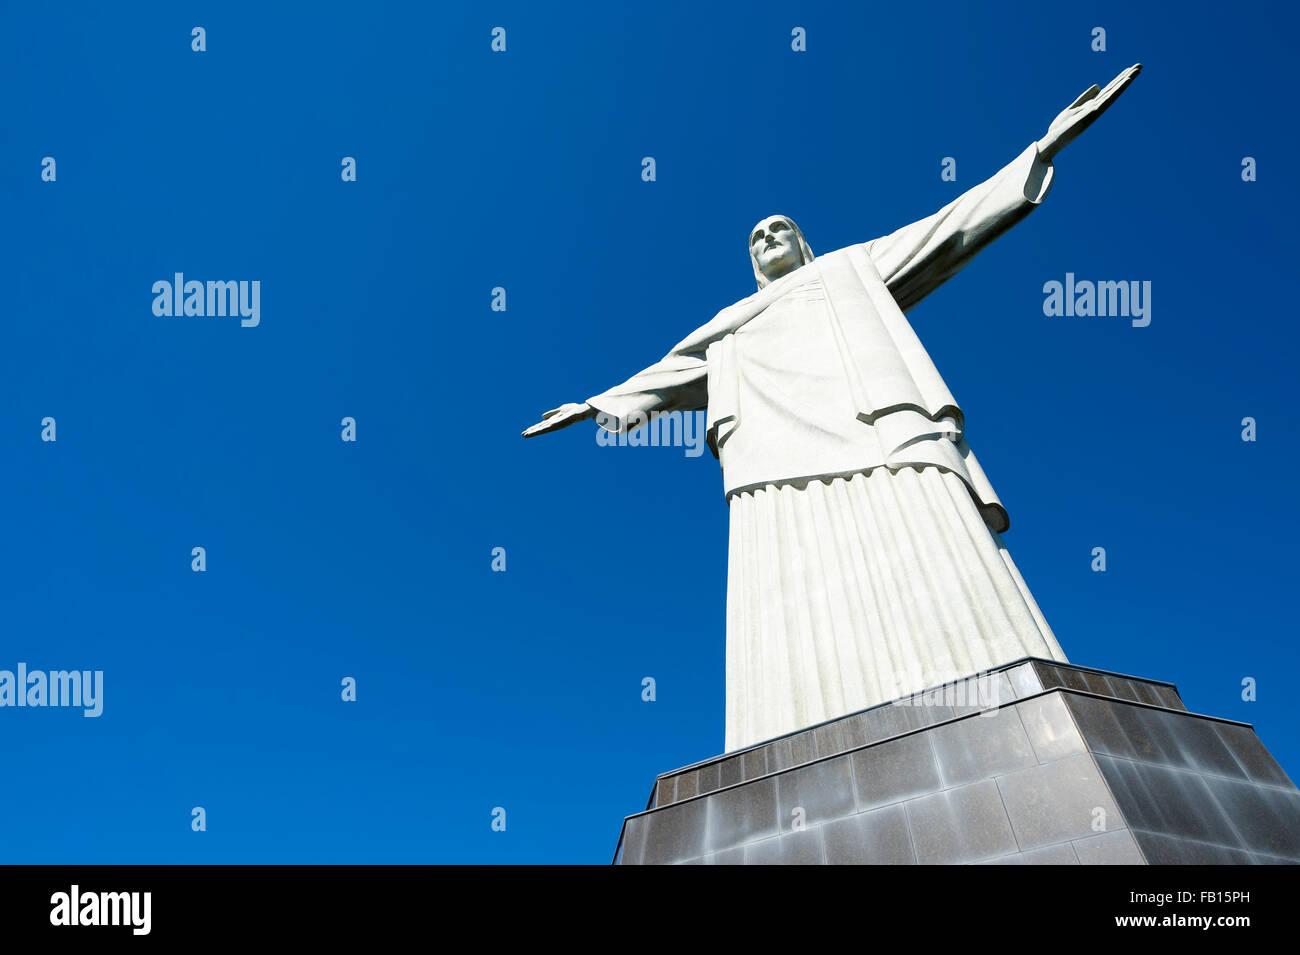 RIO DE JANEIRO, Brasile - 05 Marzo 2015: la statua del Cristo Redentore sulla sua base in corrispondenza della sommità Immagini Stock